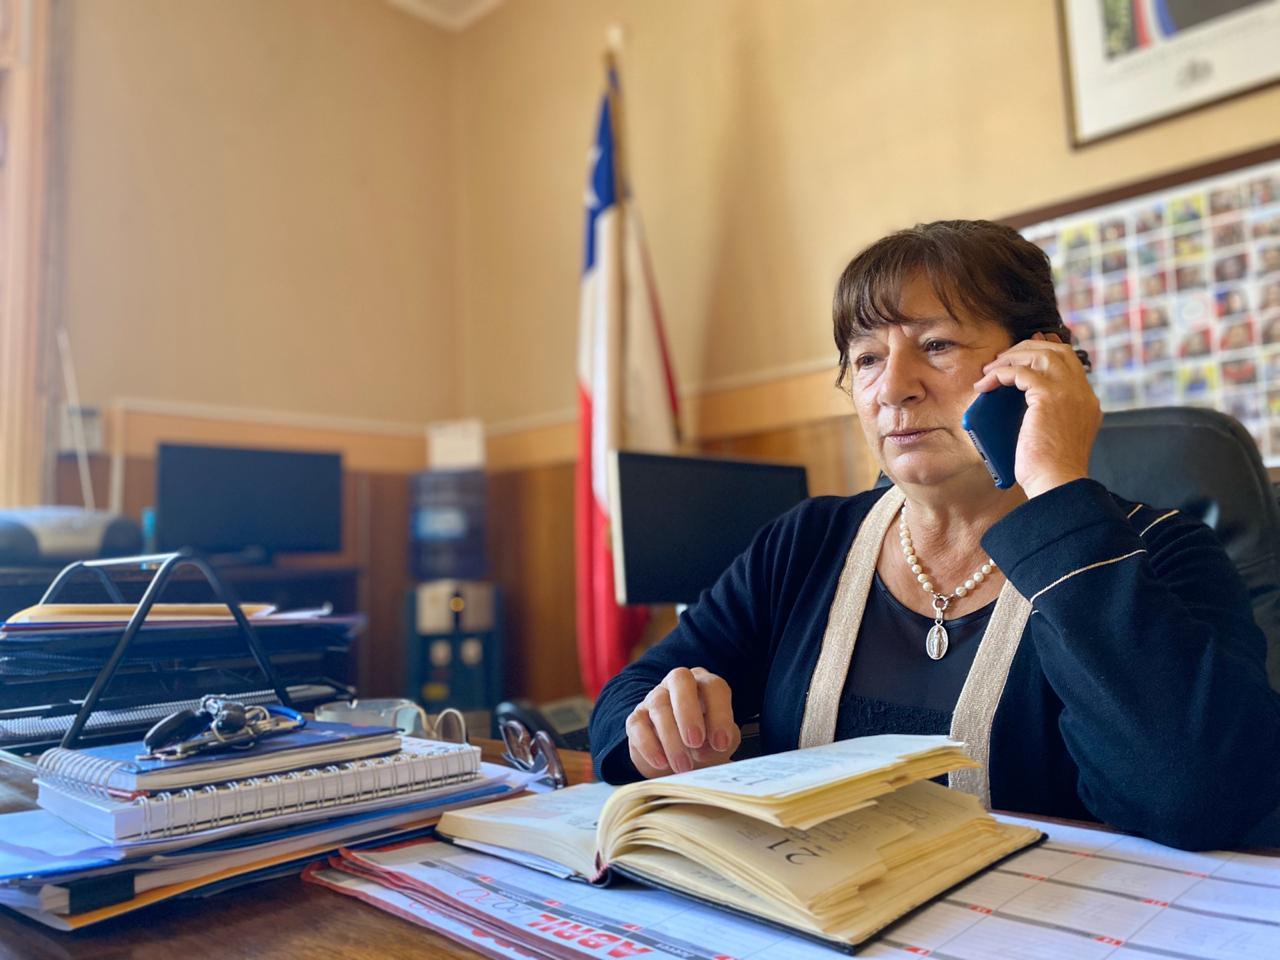 """Gobernadora del Huasco: """"Todas las opiniones son importantes en democracia"""""""